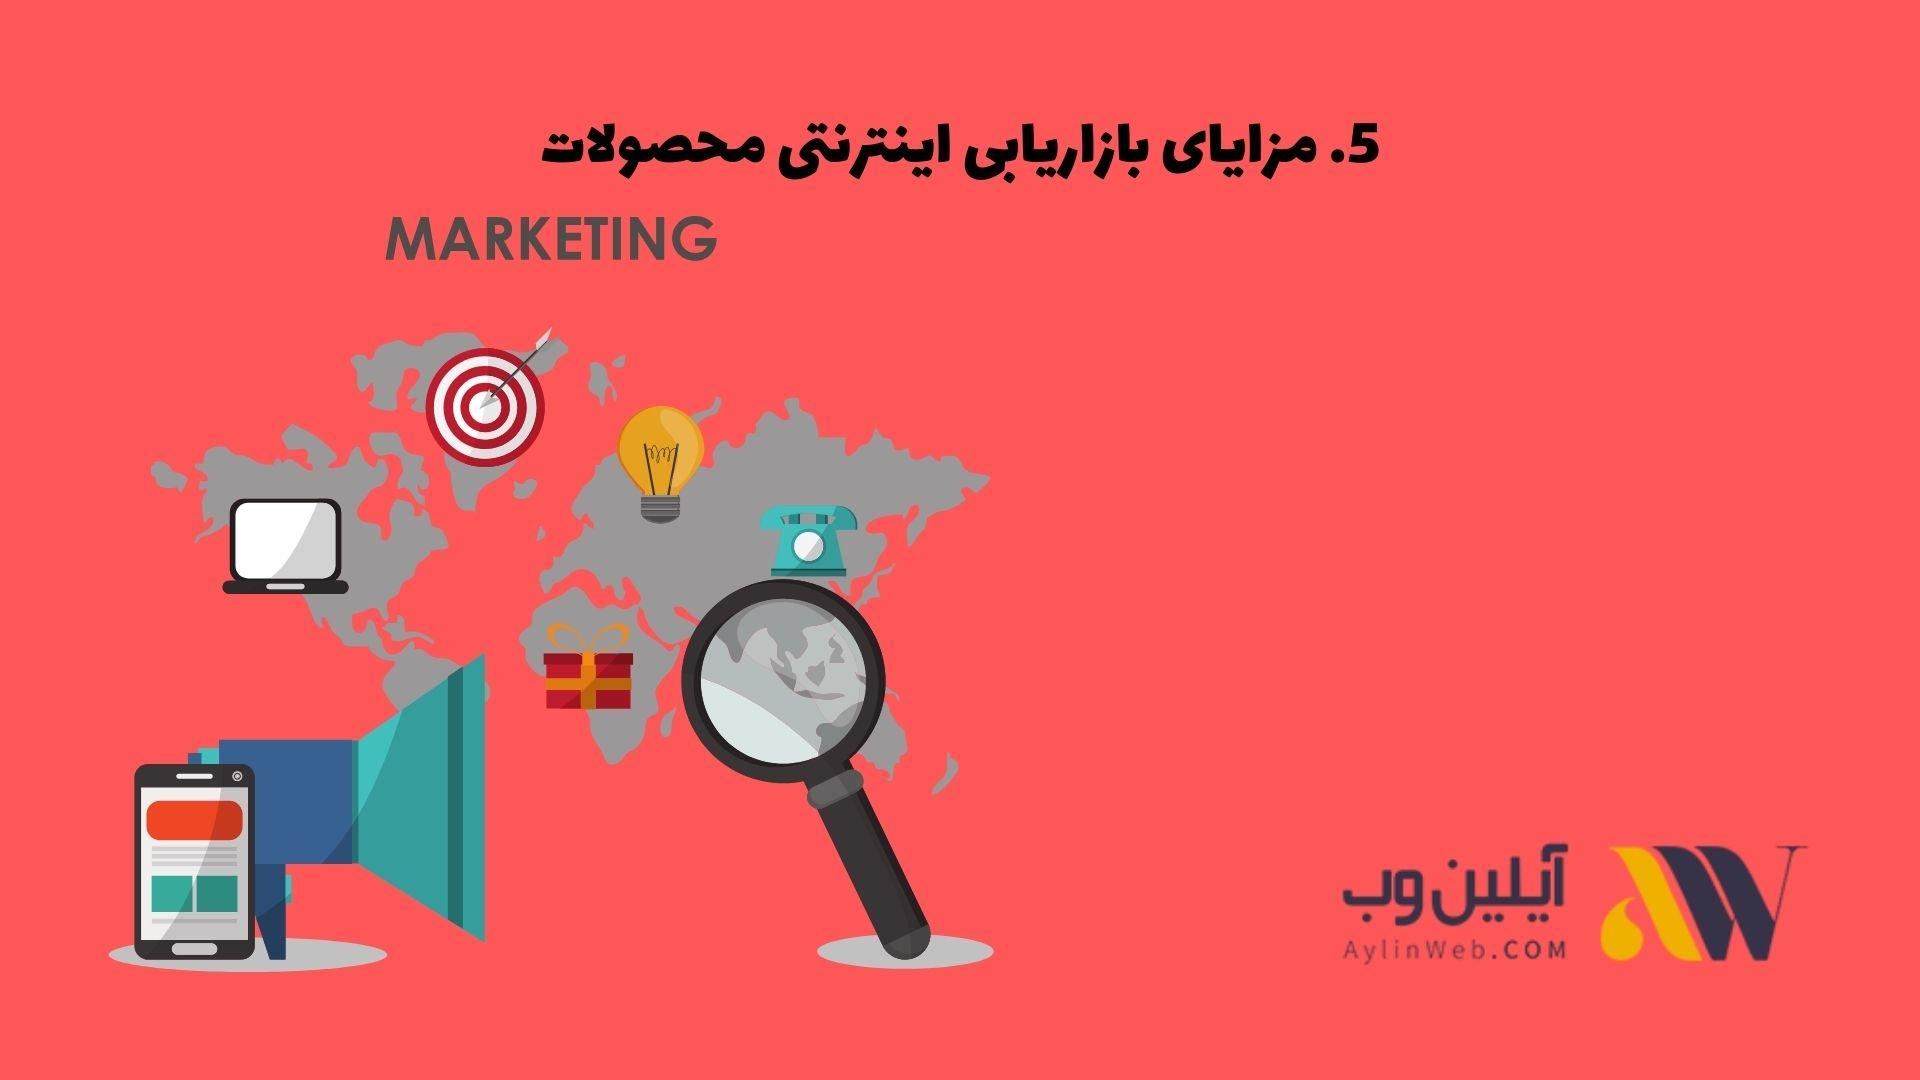 مزایای بازاریابی اینترنتی محصولات